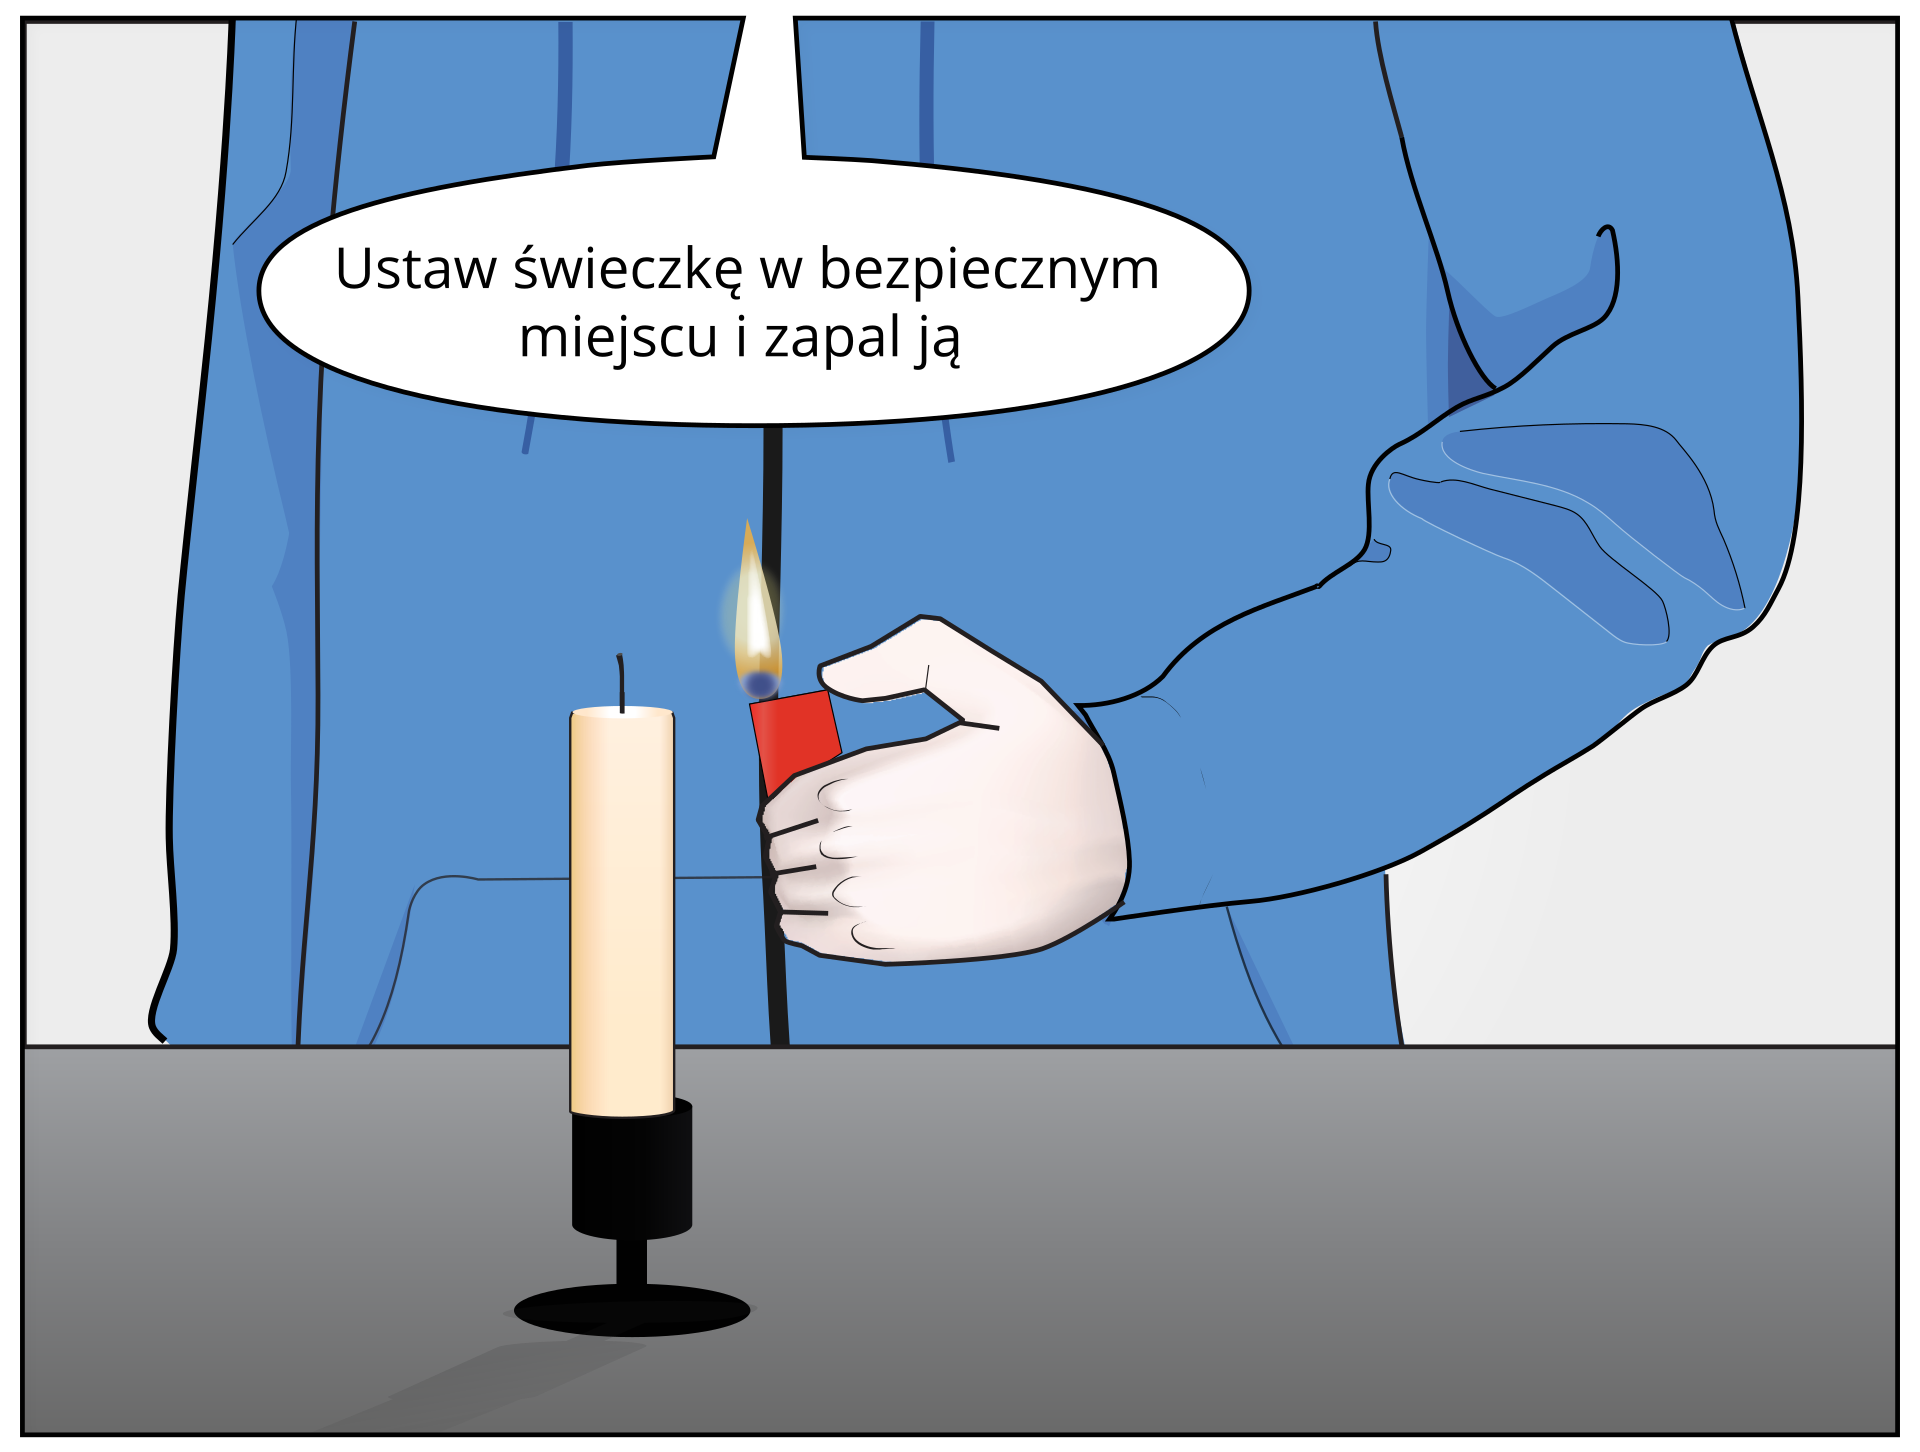 Rysunek ręki chłopca trzymającej zapaloną zapalniczkę. Chłopiec zbliża rękę zzapalniczką do świeczki.